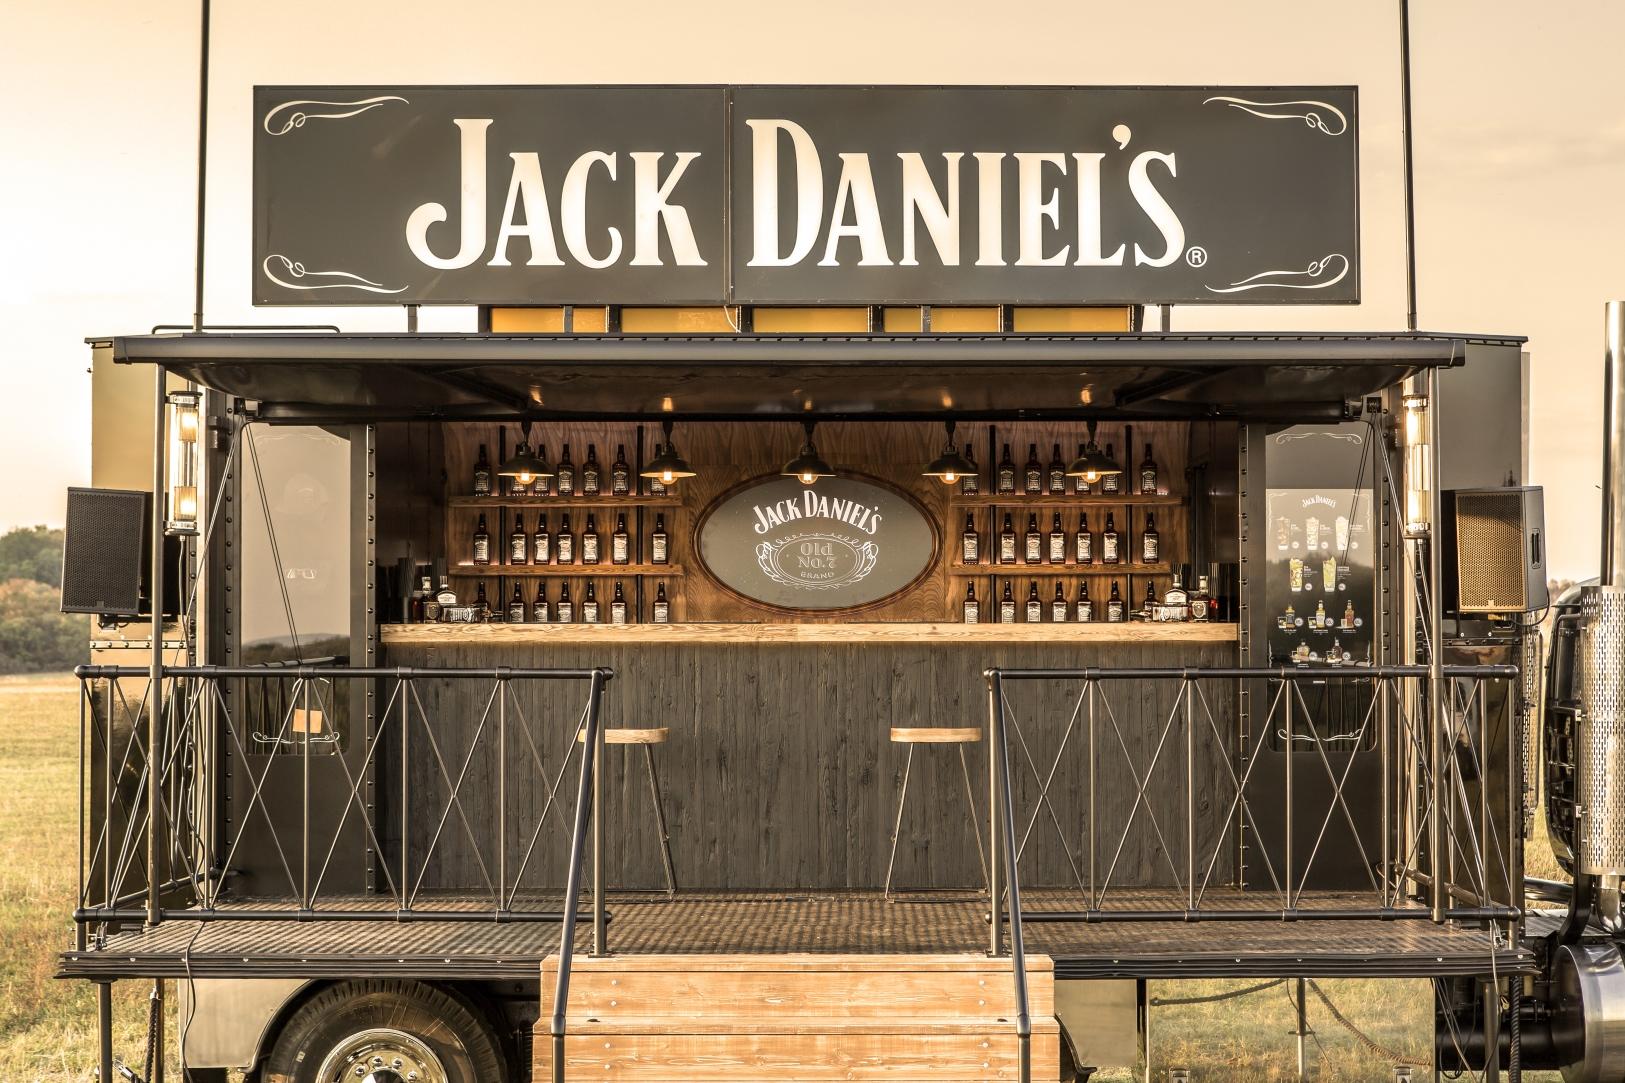 1_1625x1083_Jack_Daniels_Truck.jpg